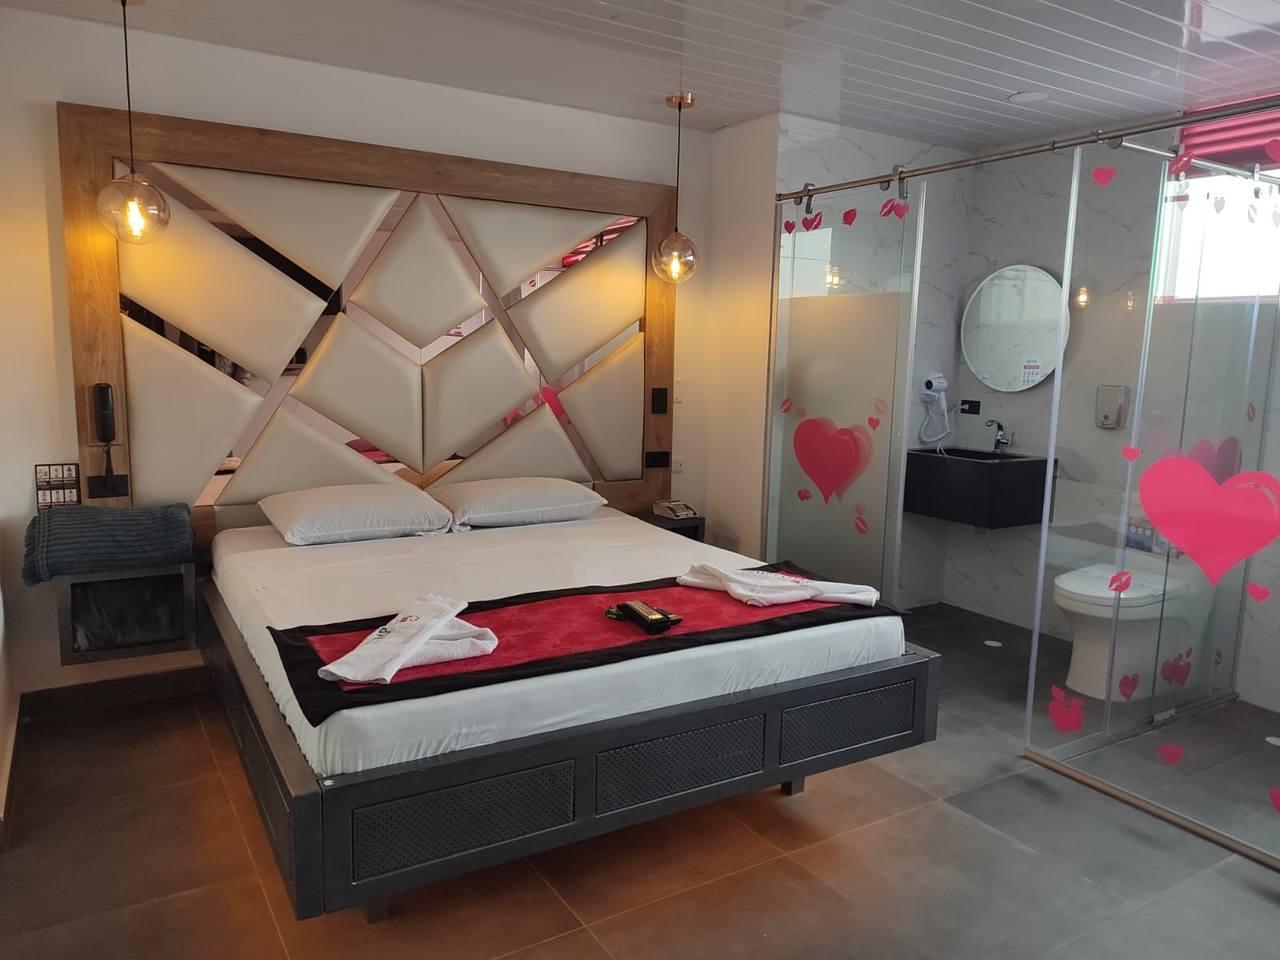 Habitación Suite Sencilla en Temptation Motel : MotelNow